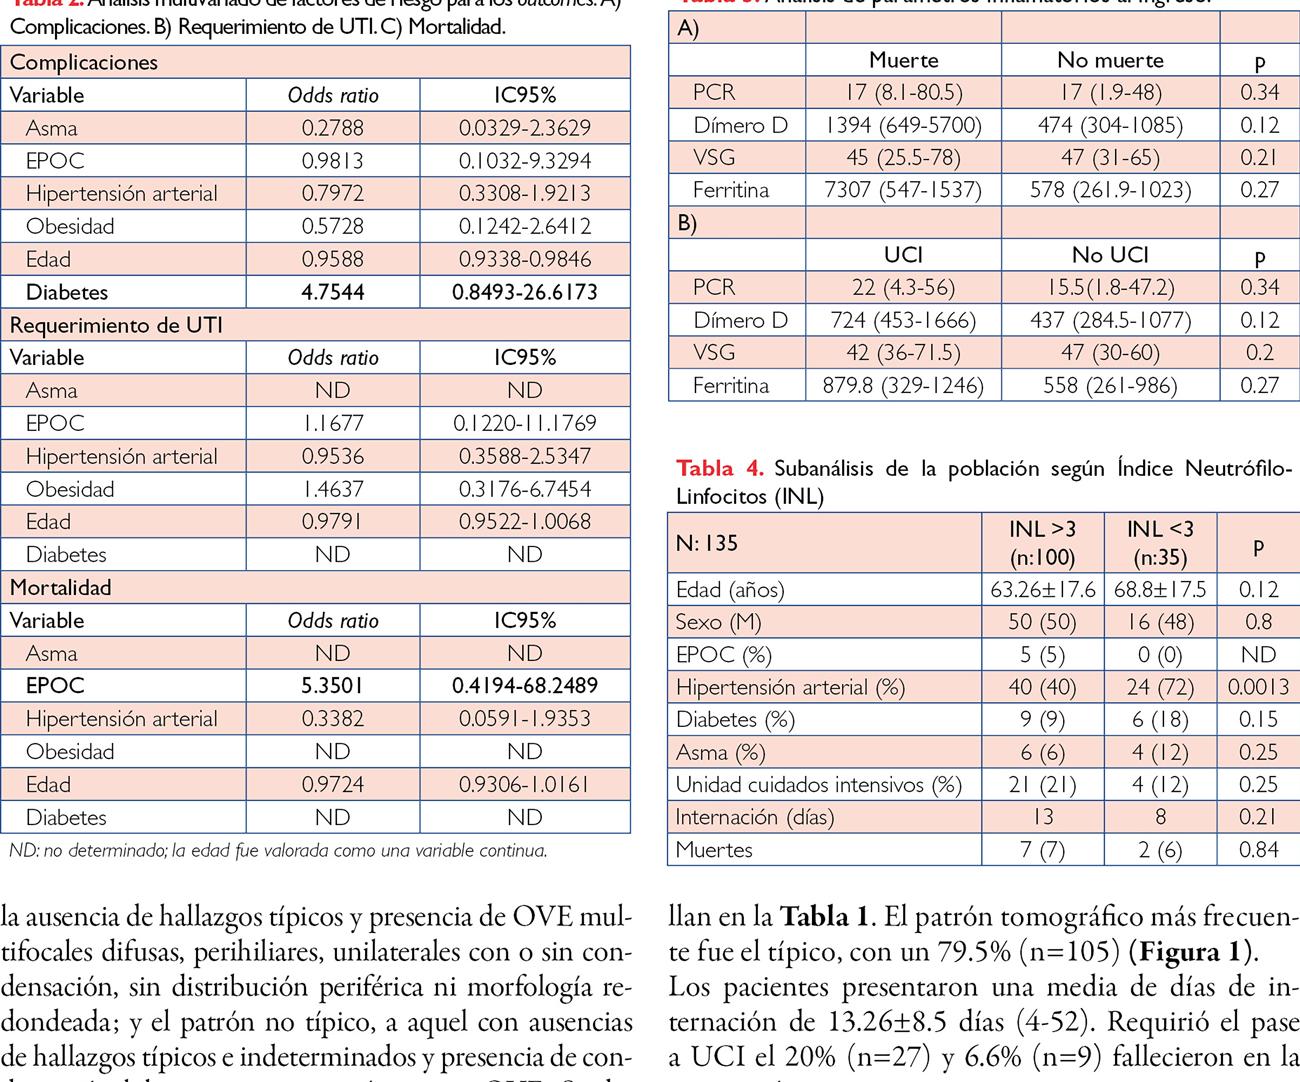 Estudio descriptivo de 135 pacientes con diagnóstico de neumonía por COVID-19 que requirieron internación en el Hospital Británico durante la primera ola